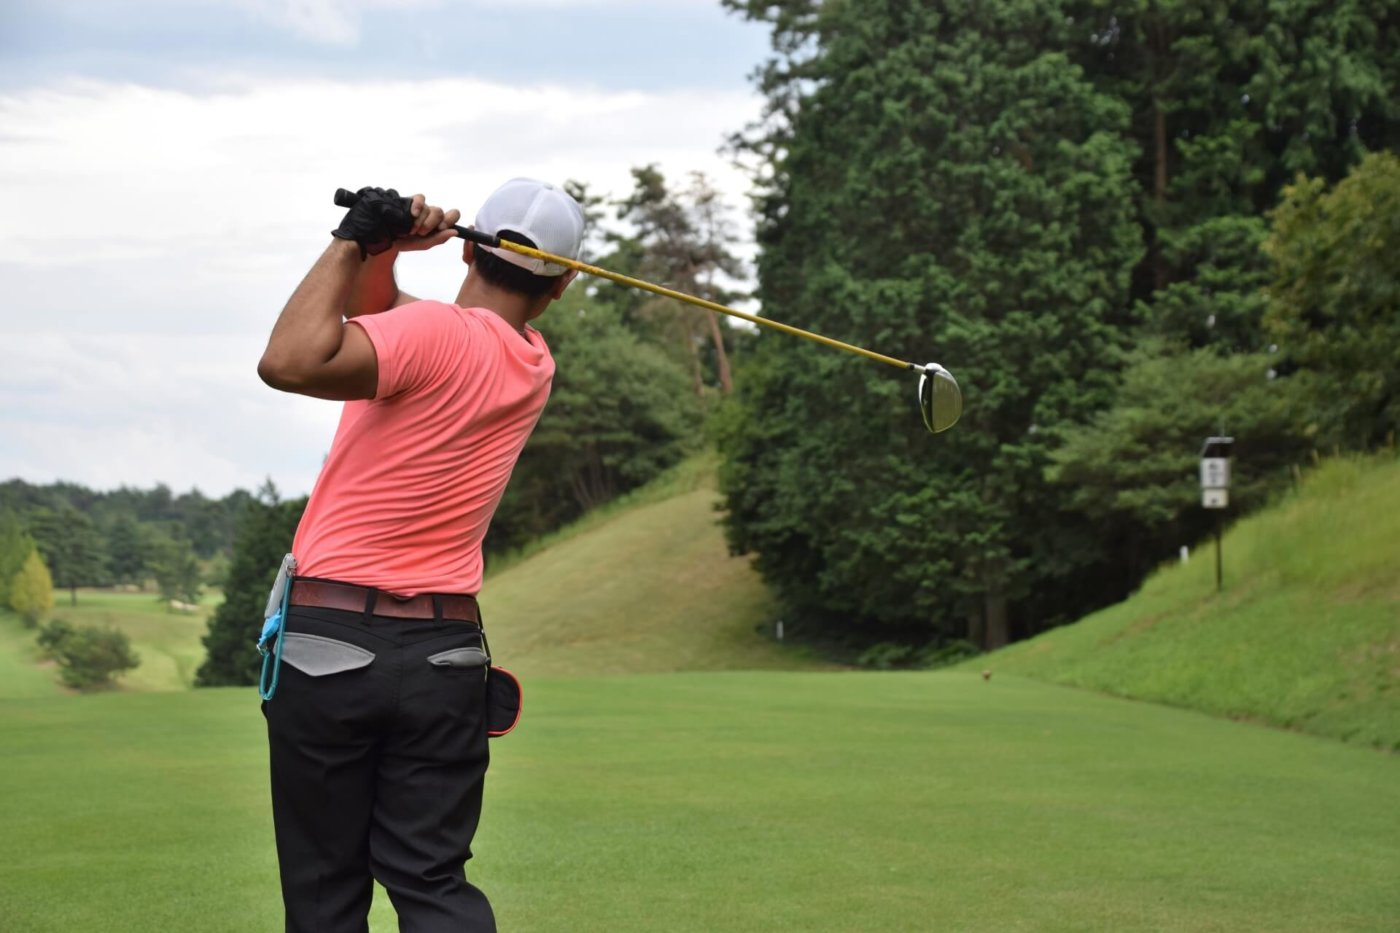 ゴルフをすると筋肉痛になります